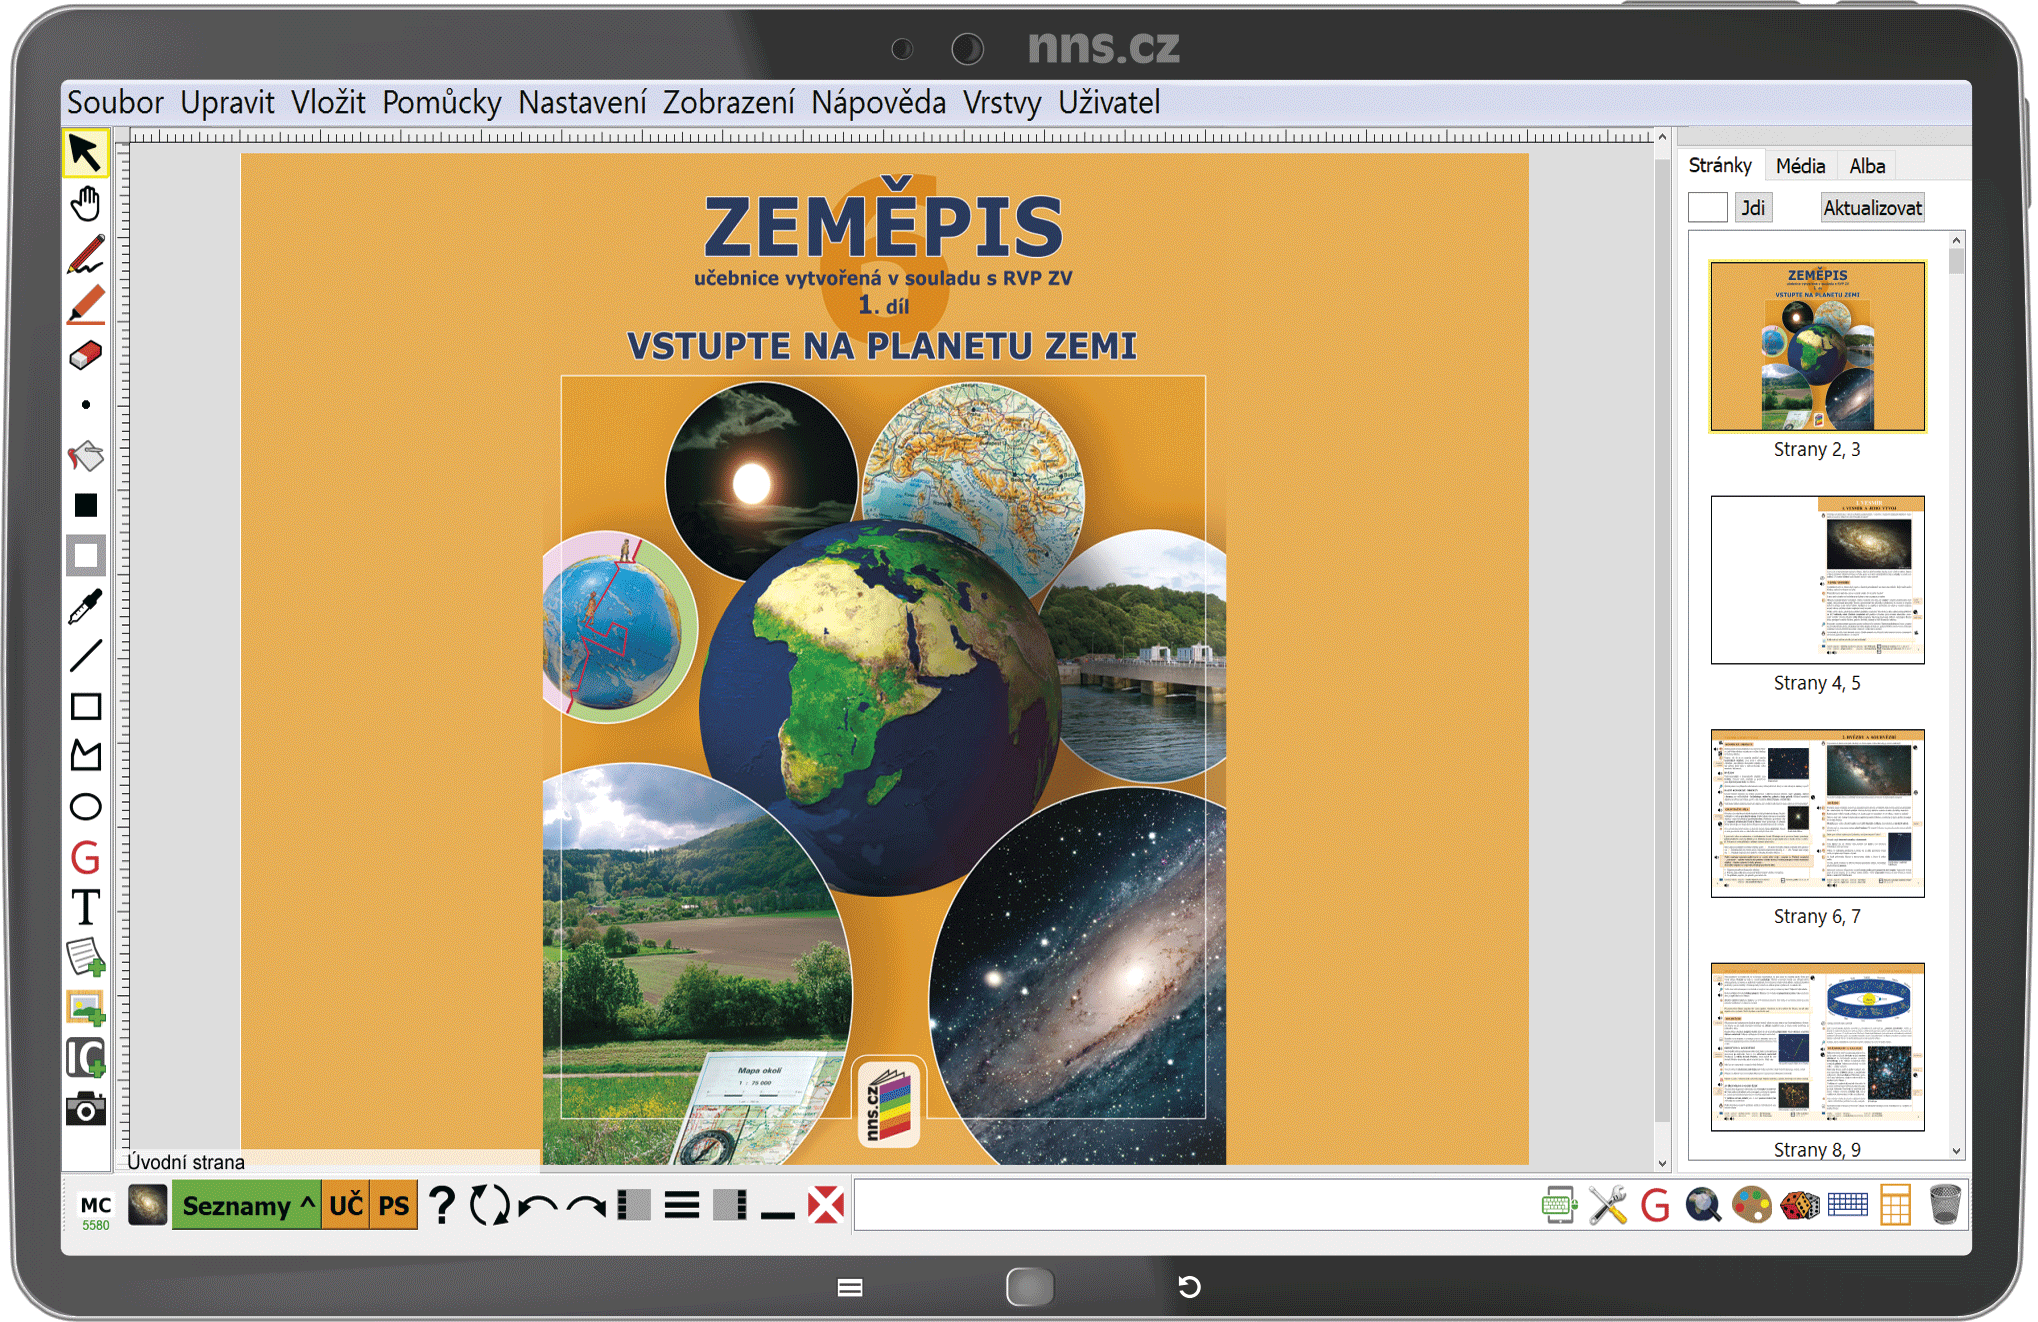 MIUč+ Zeměpis 6, 1. díl - Vstupte na planetu Zemi – školní licence pro 1 učitele na 1 školní rok